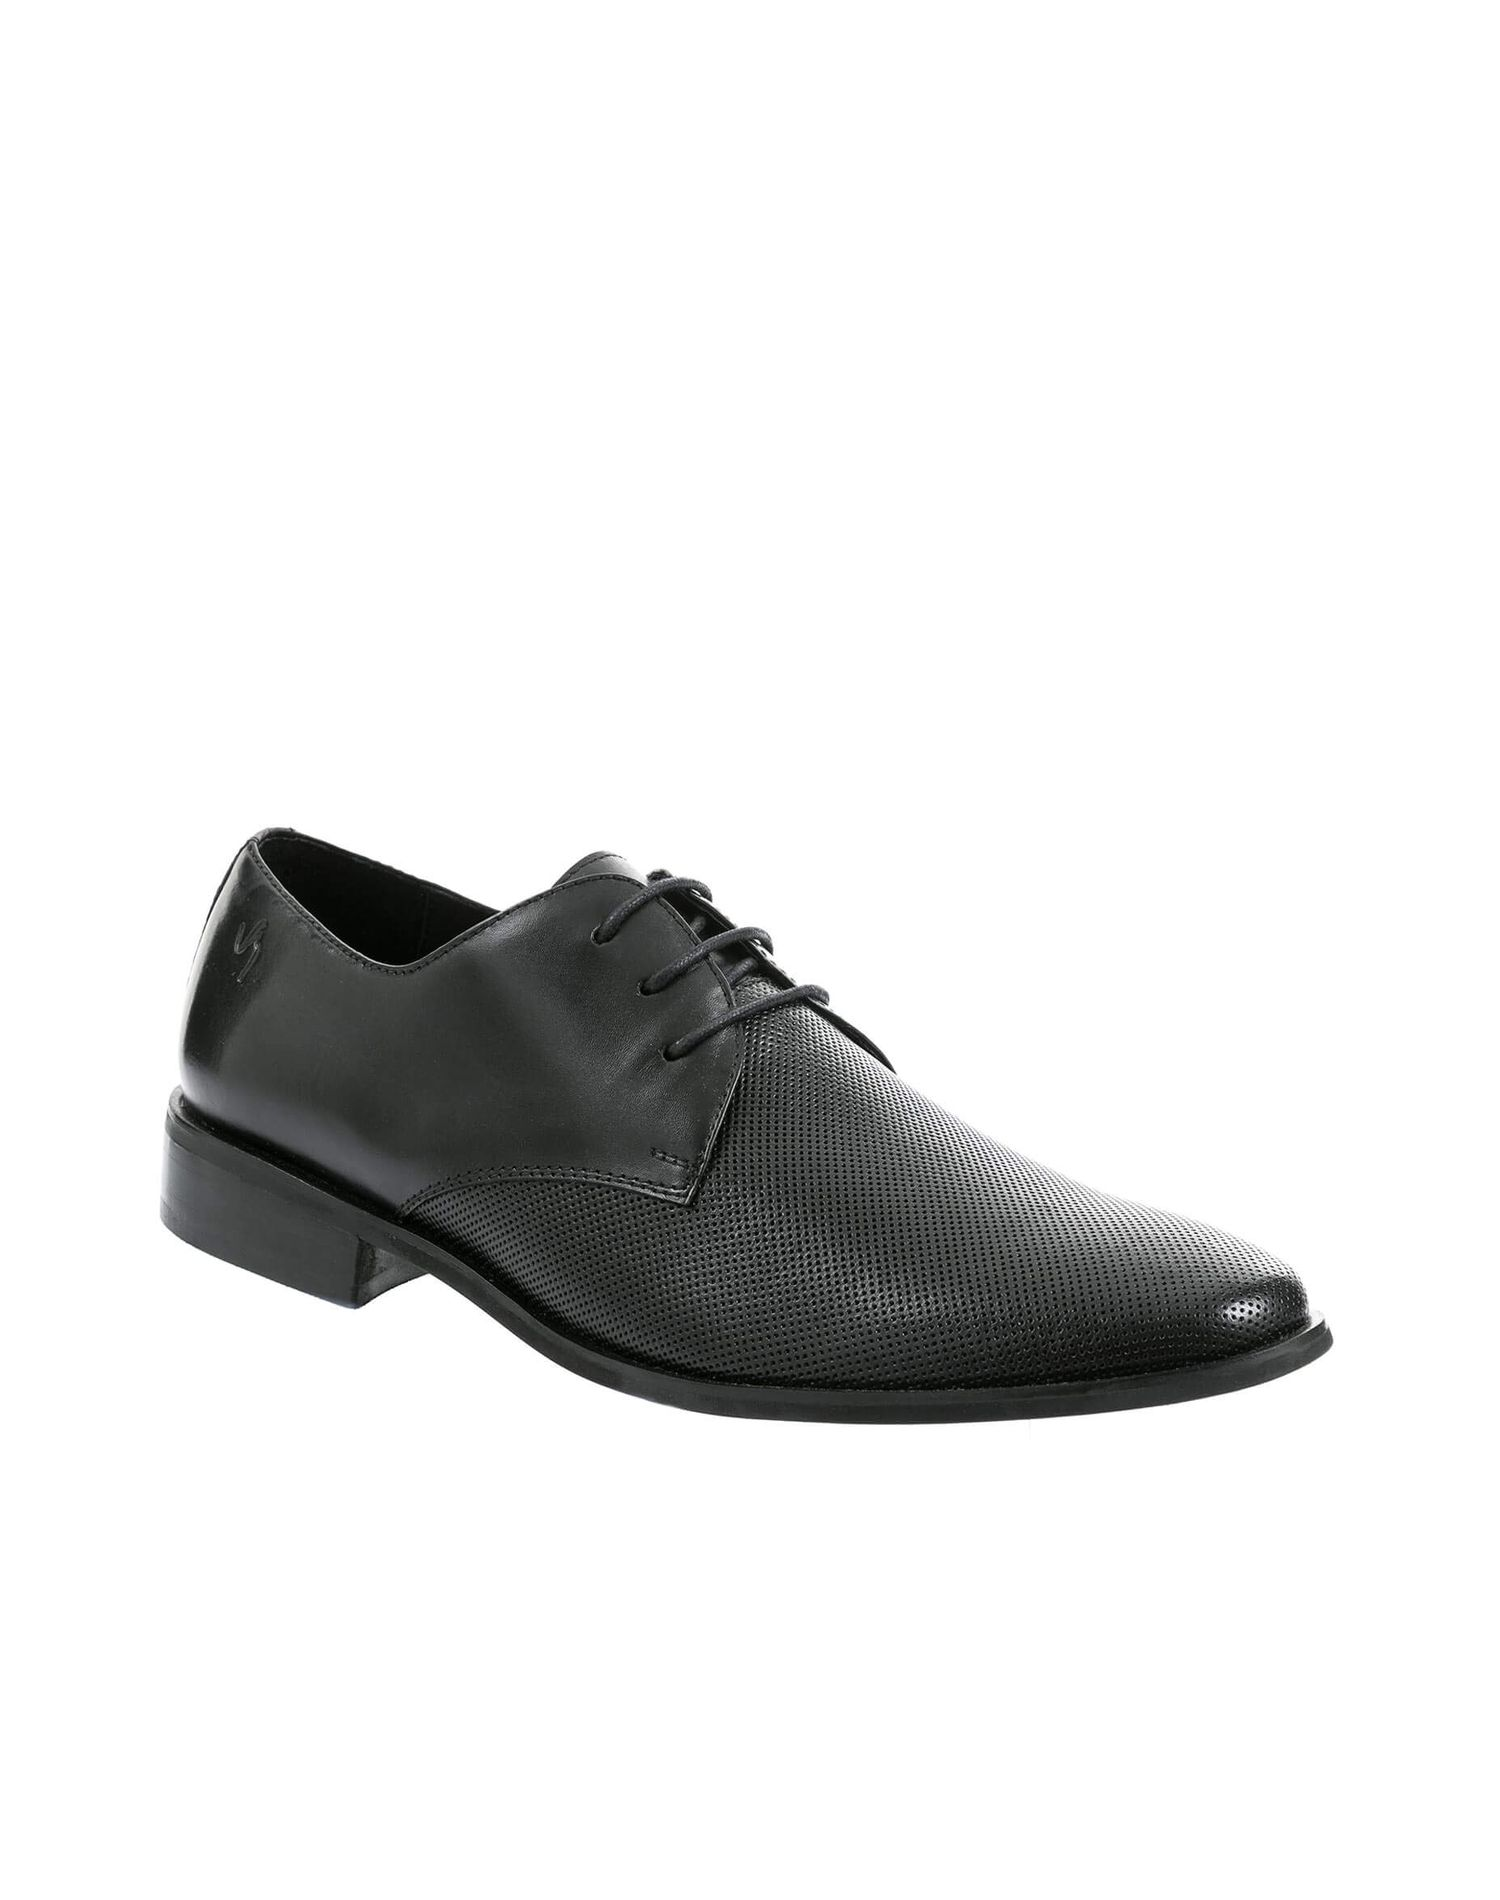 Zapatos de cuero con cordón para hombre 10840  e7f39fa1dd15